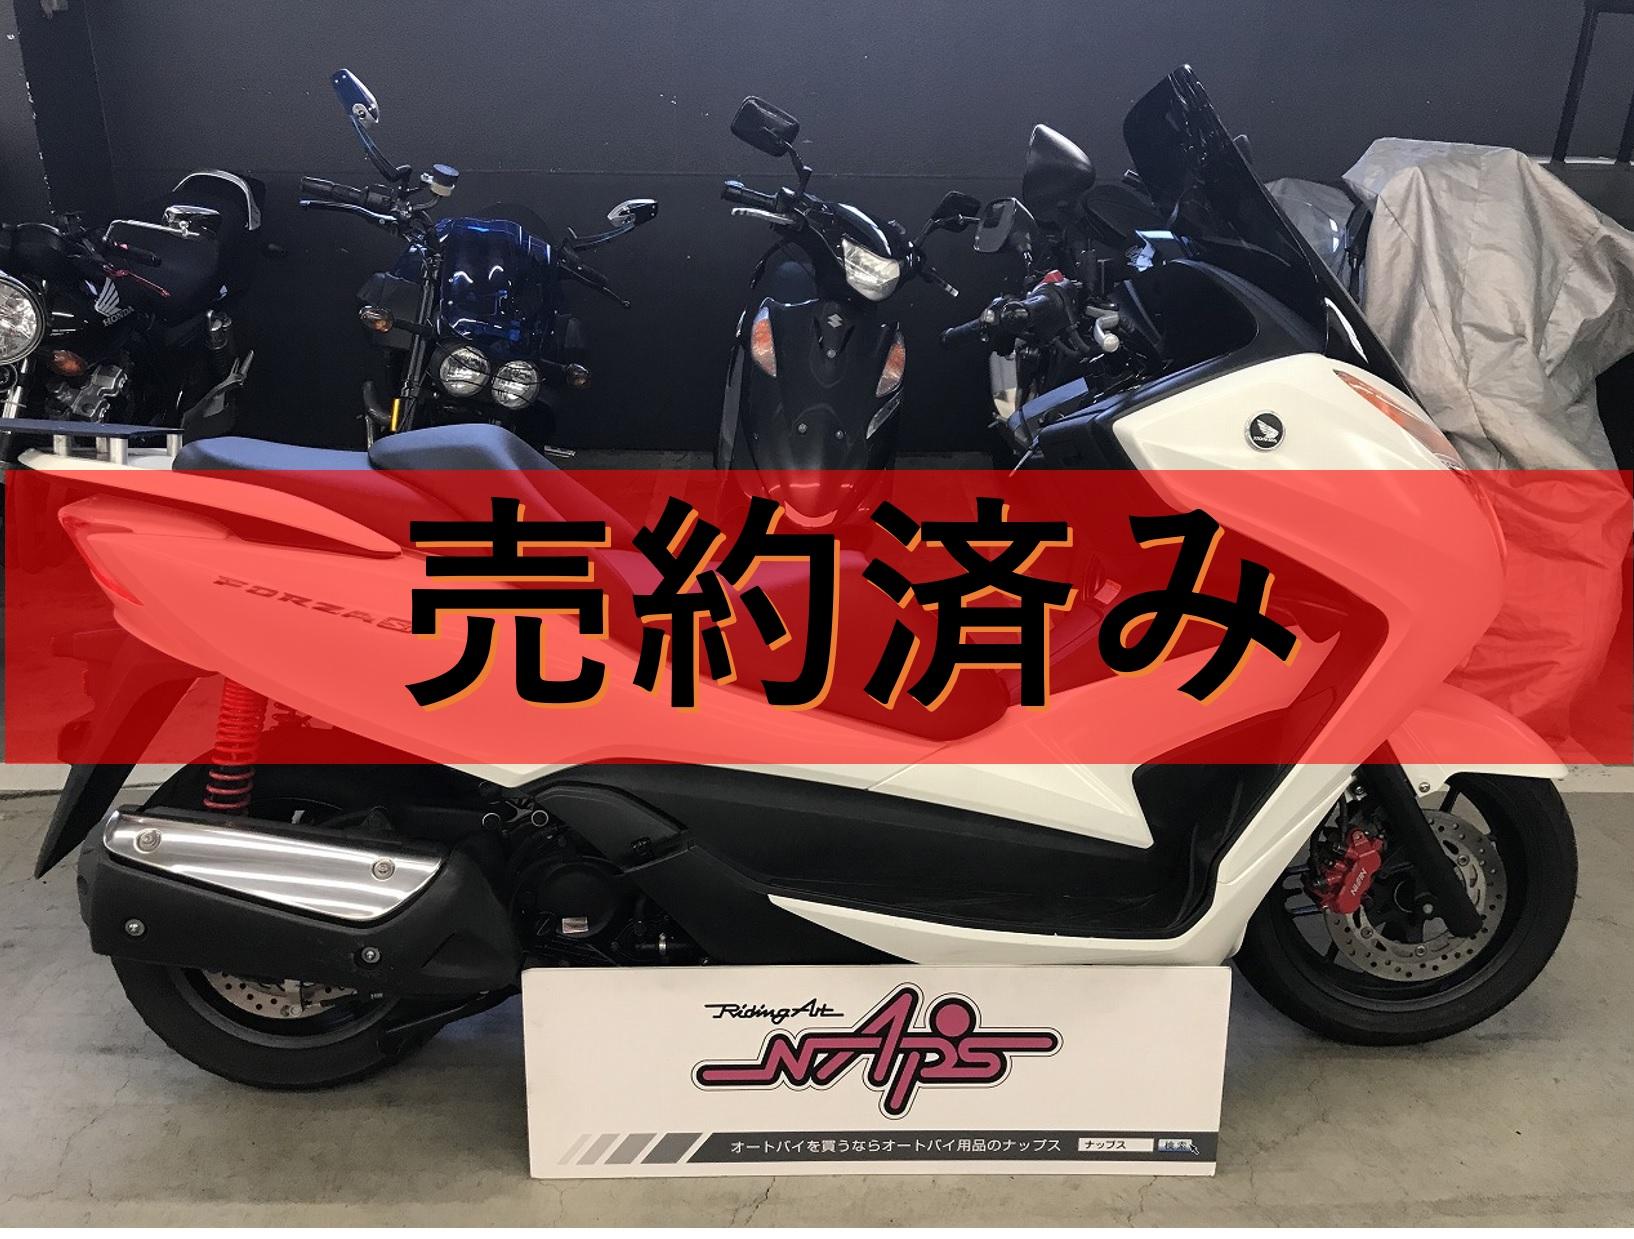 HONDA 【販売車両】フォルツァSi  ロングスクリーン/リアキャリア付